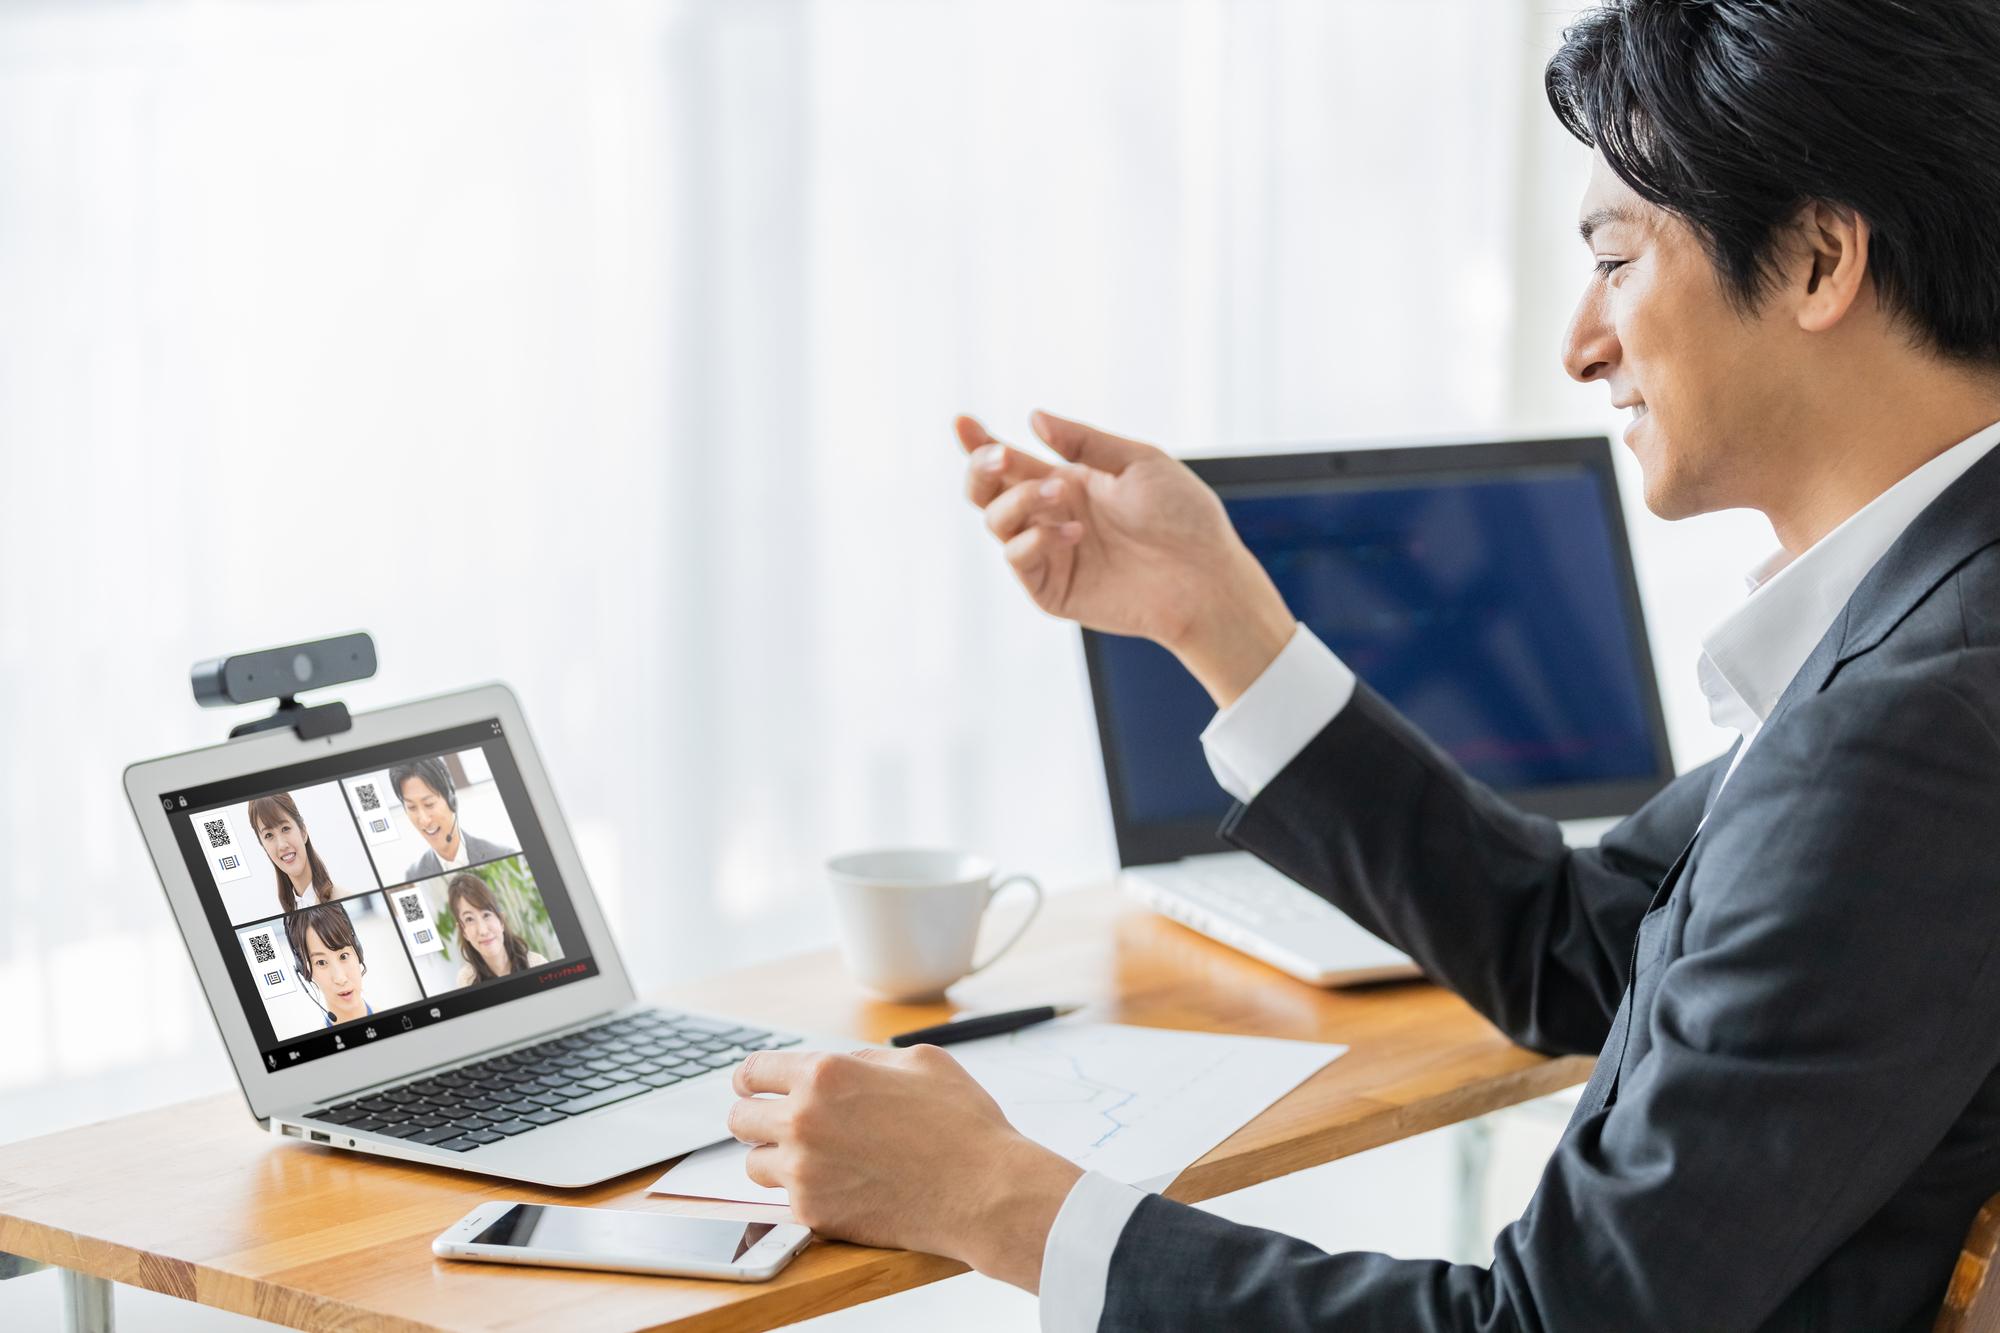 クラウドシステムを活用した顧客管理方法